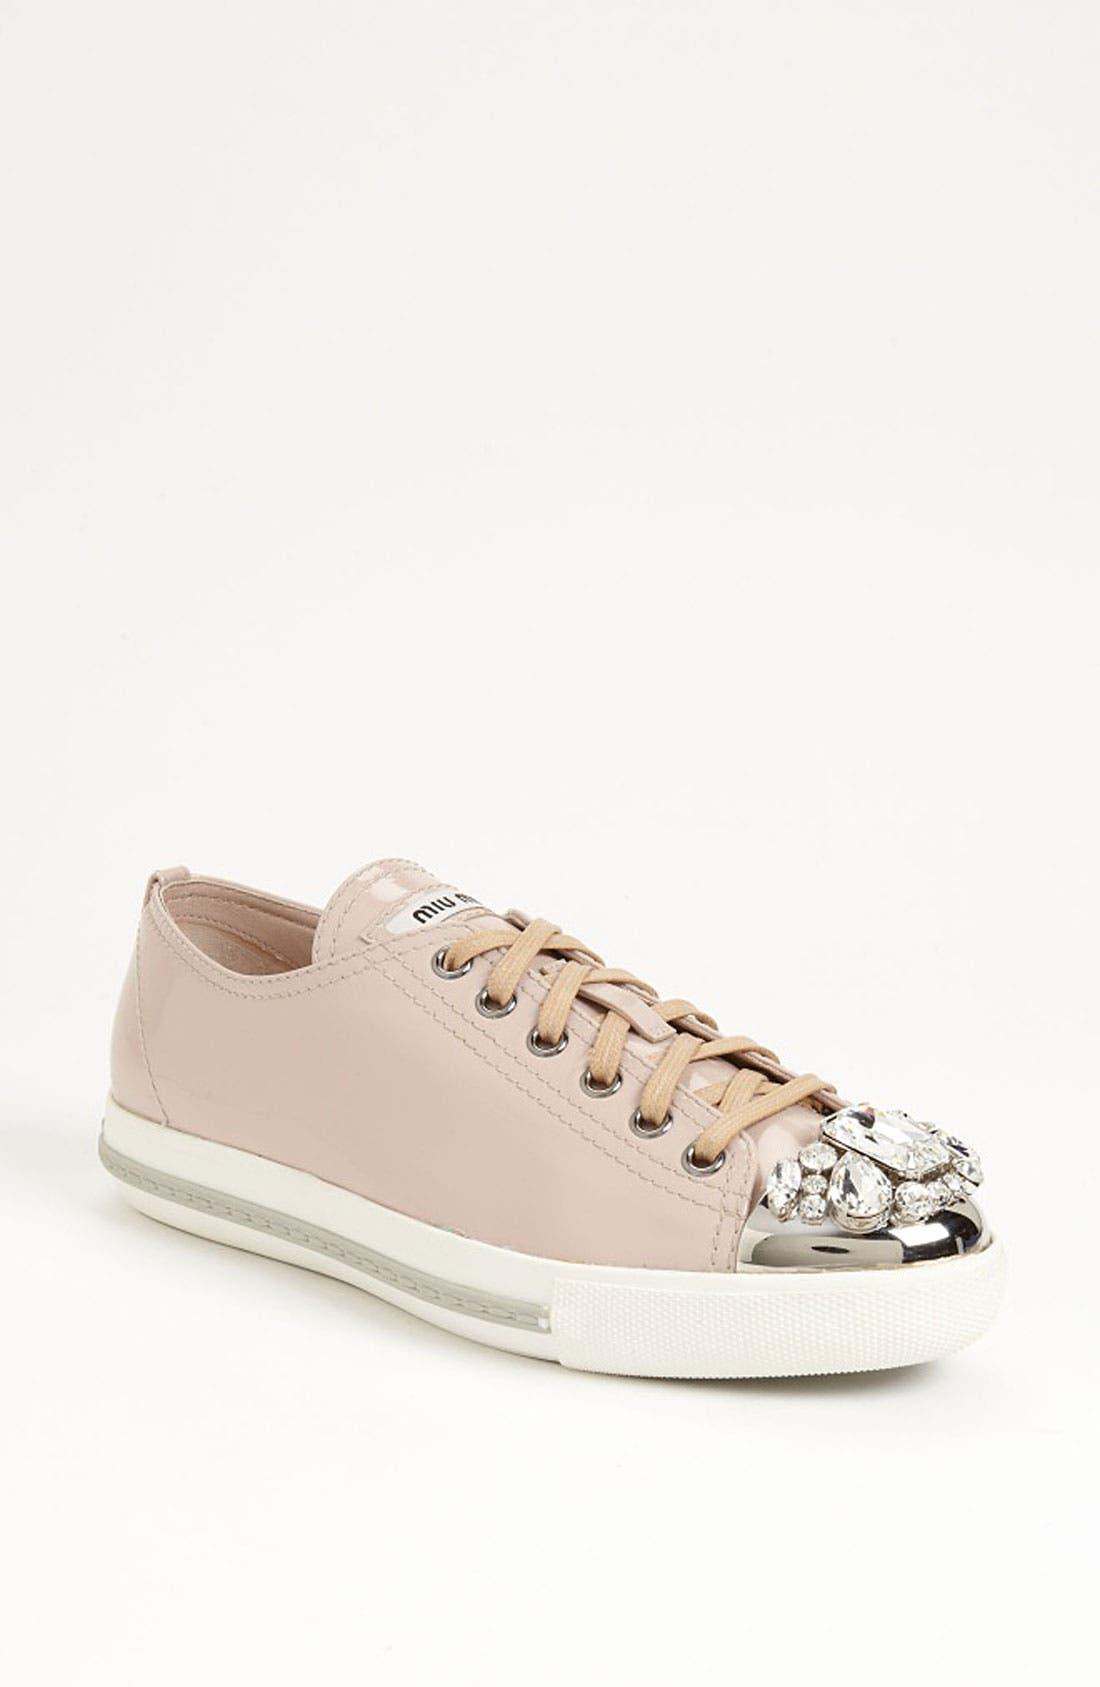 Main Image - Miu Miu Crystal Cap Toe Sneaker